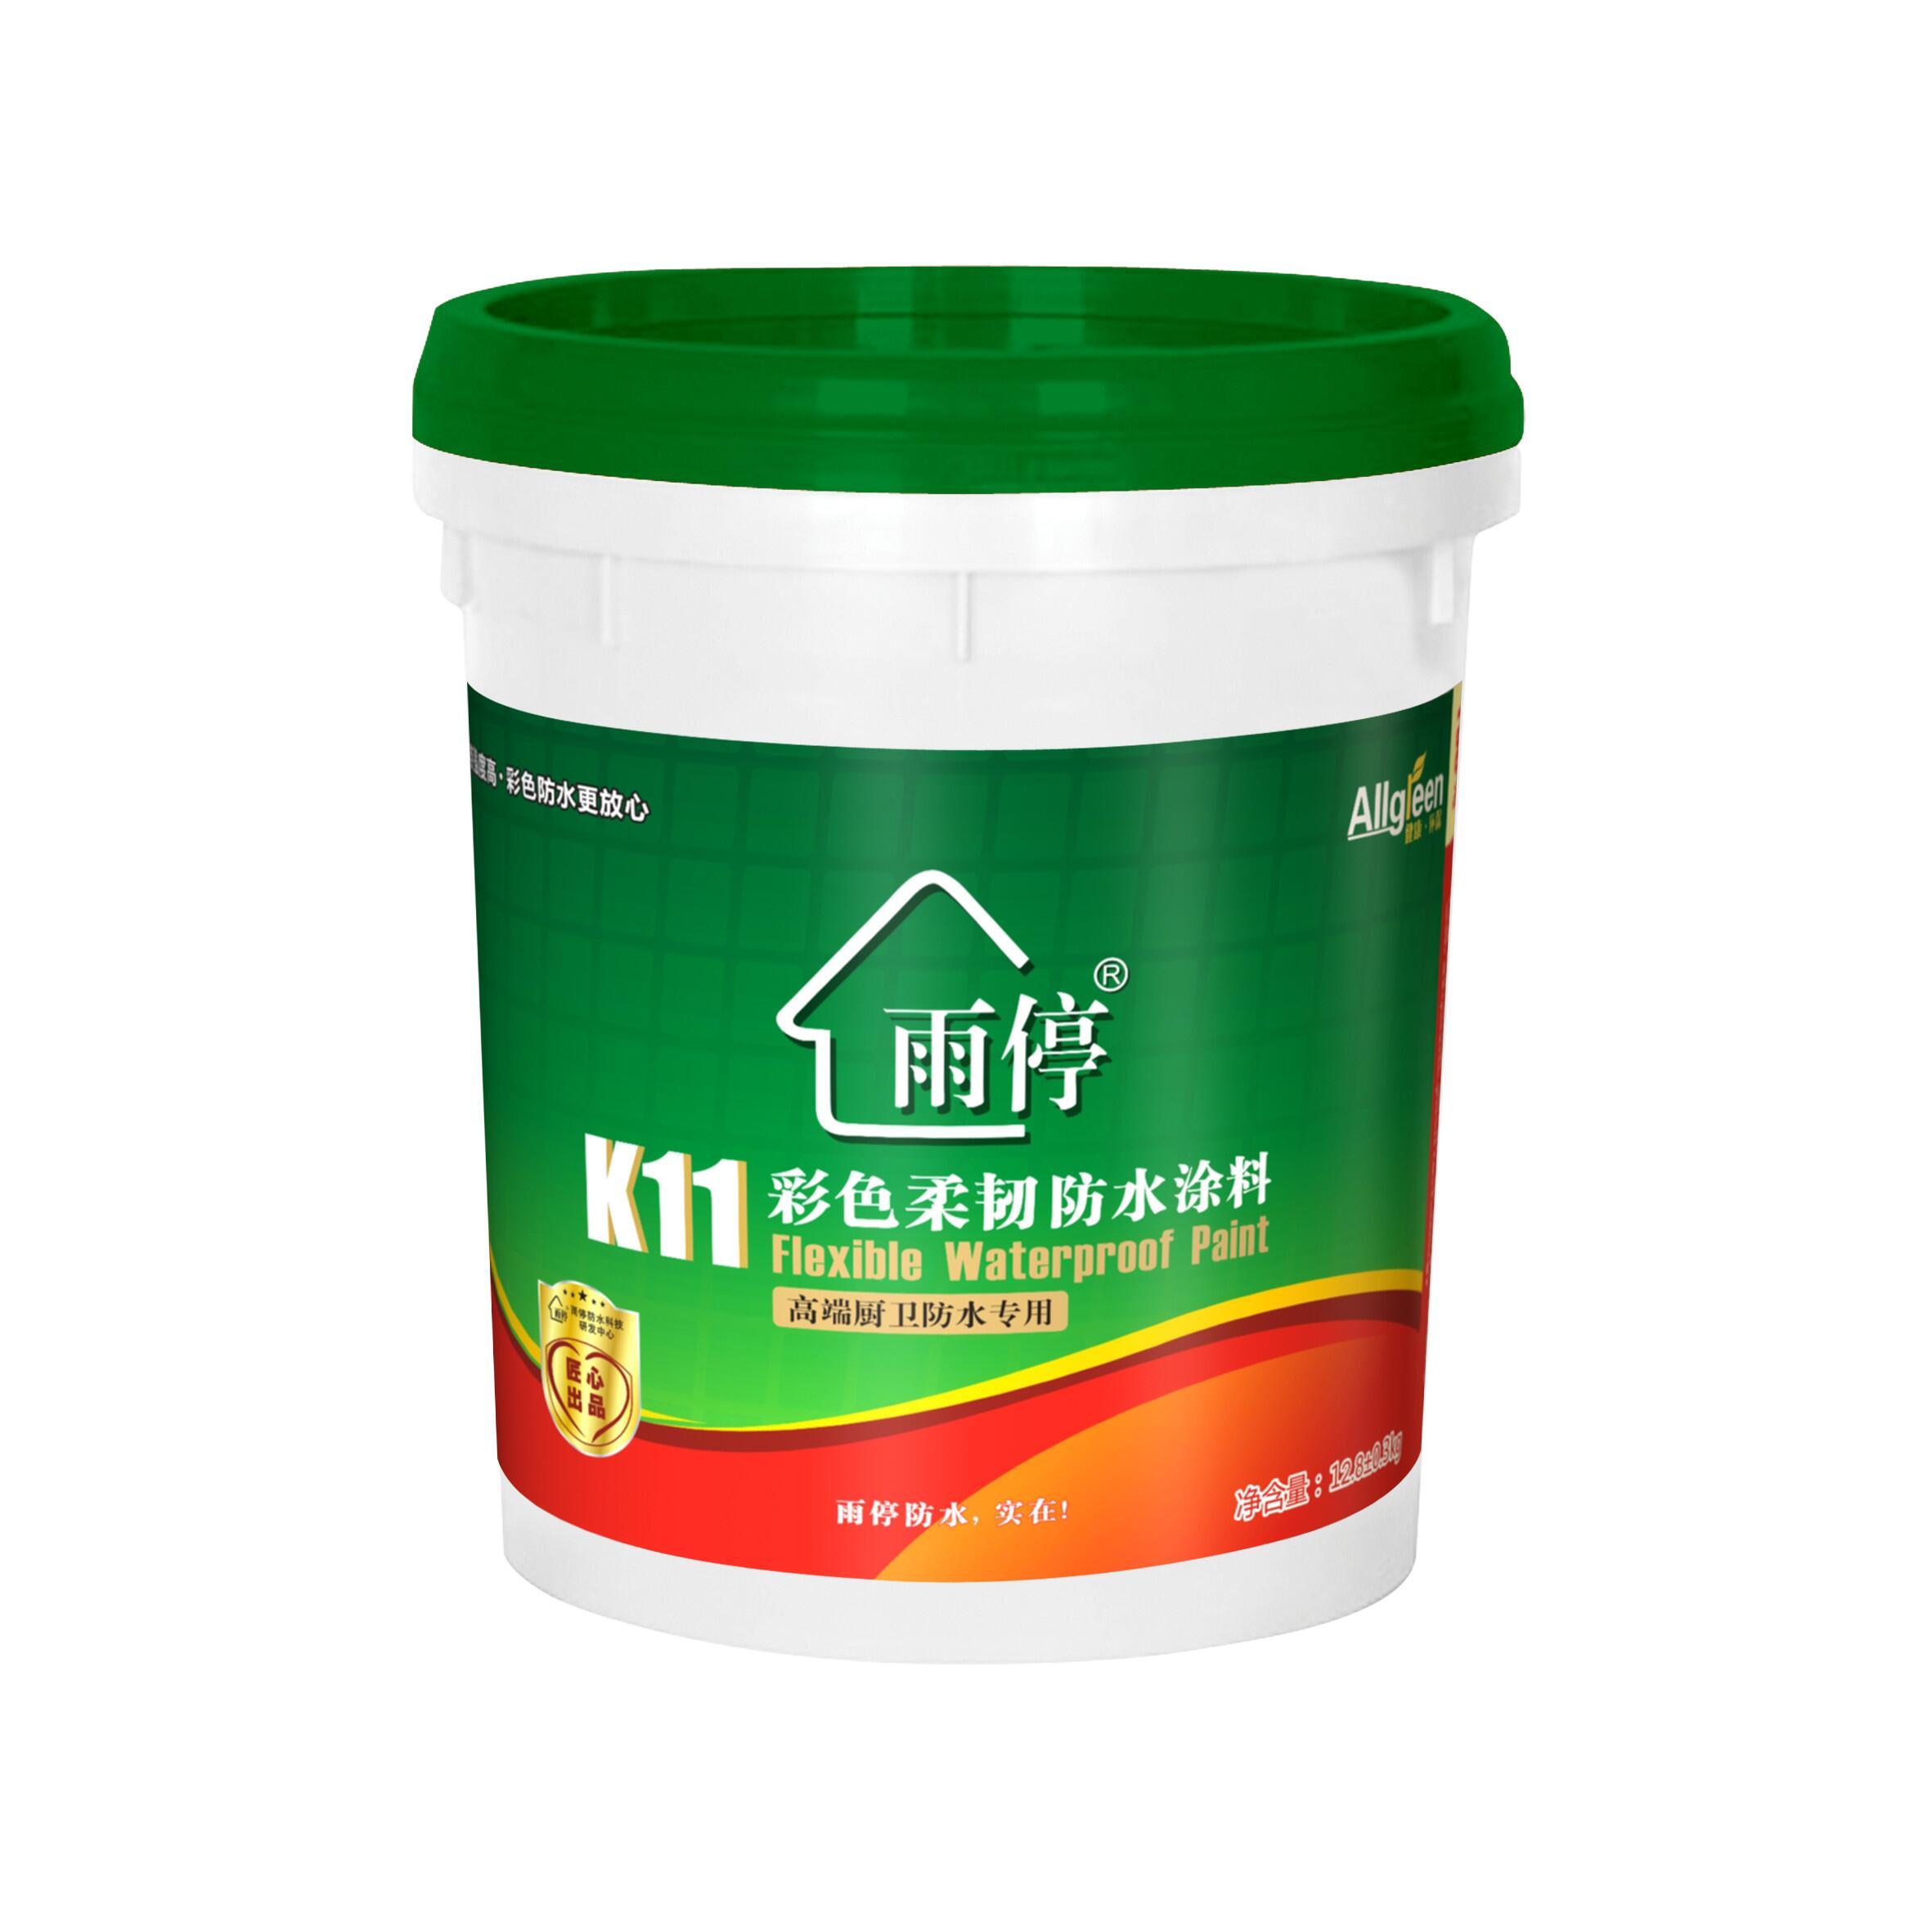 雨停防水K11彩色柔韧防水涂料(绿色)